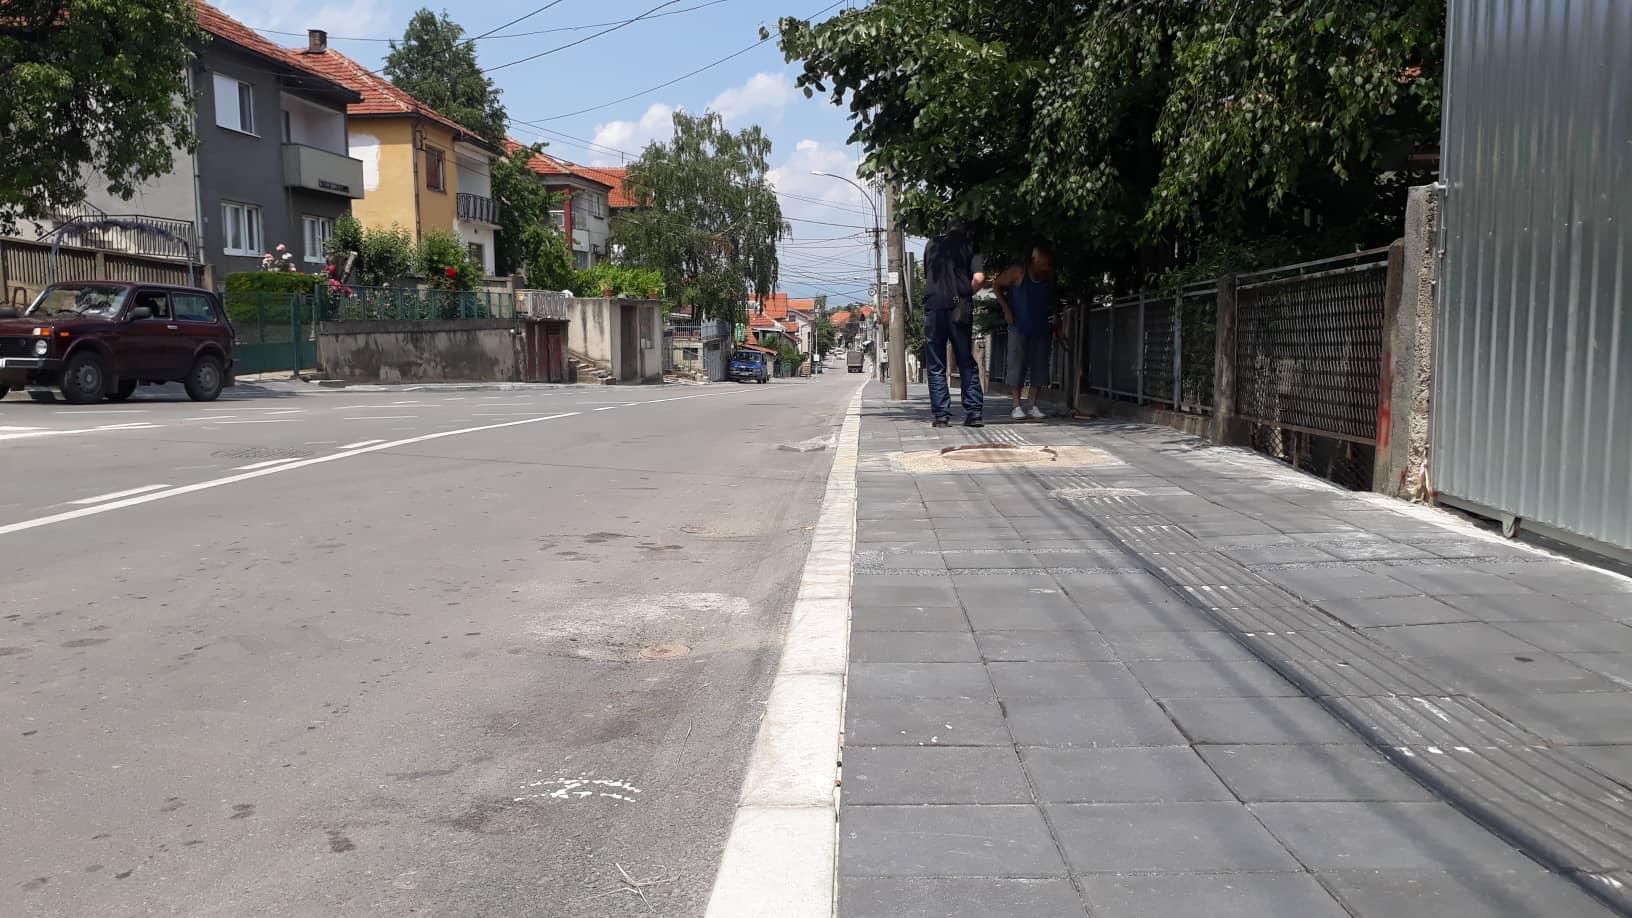 Cvetanović: Ako ikada budemo menjali imena ulica, pitaćemo za to građane koji u njima žive